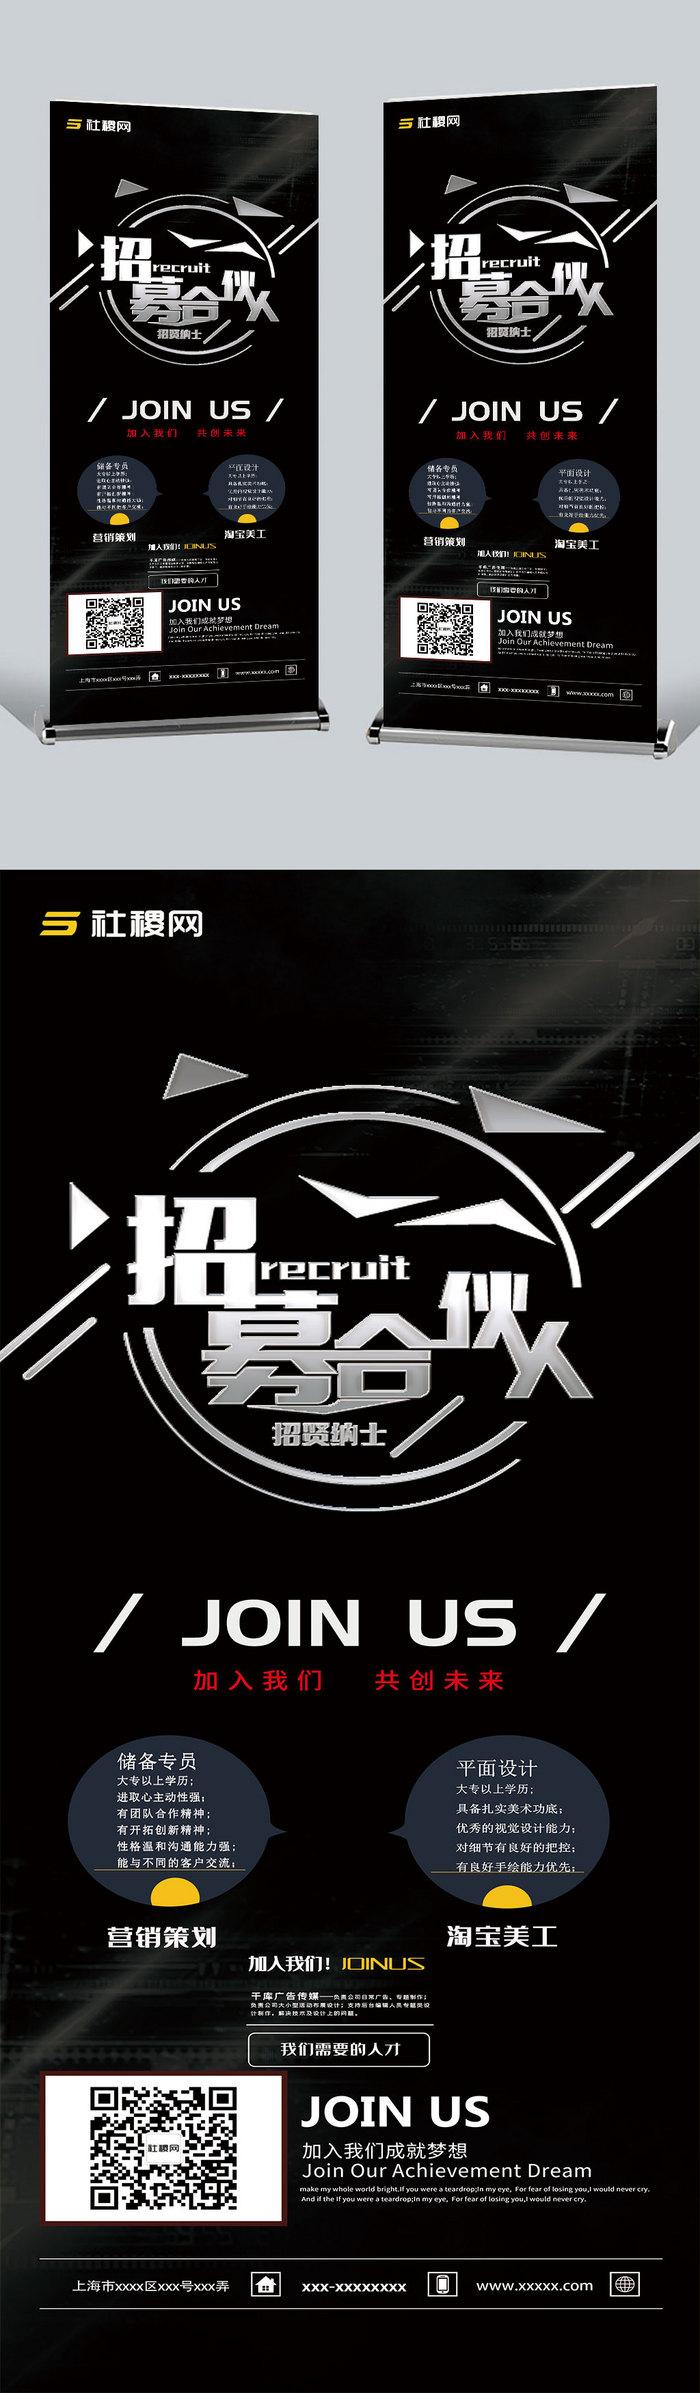 黑色风企业招聘X展架易拉宝模板